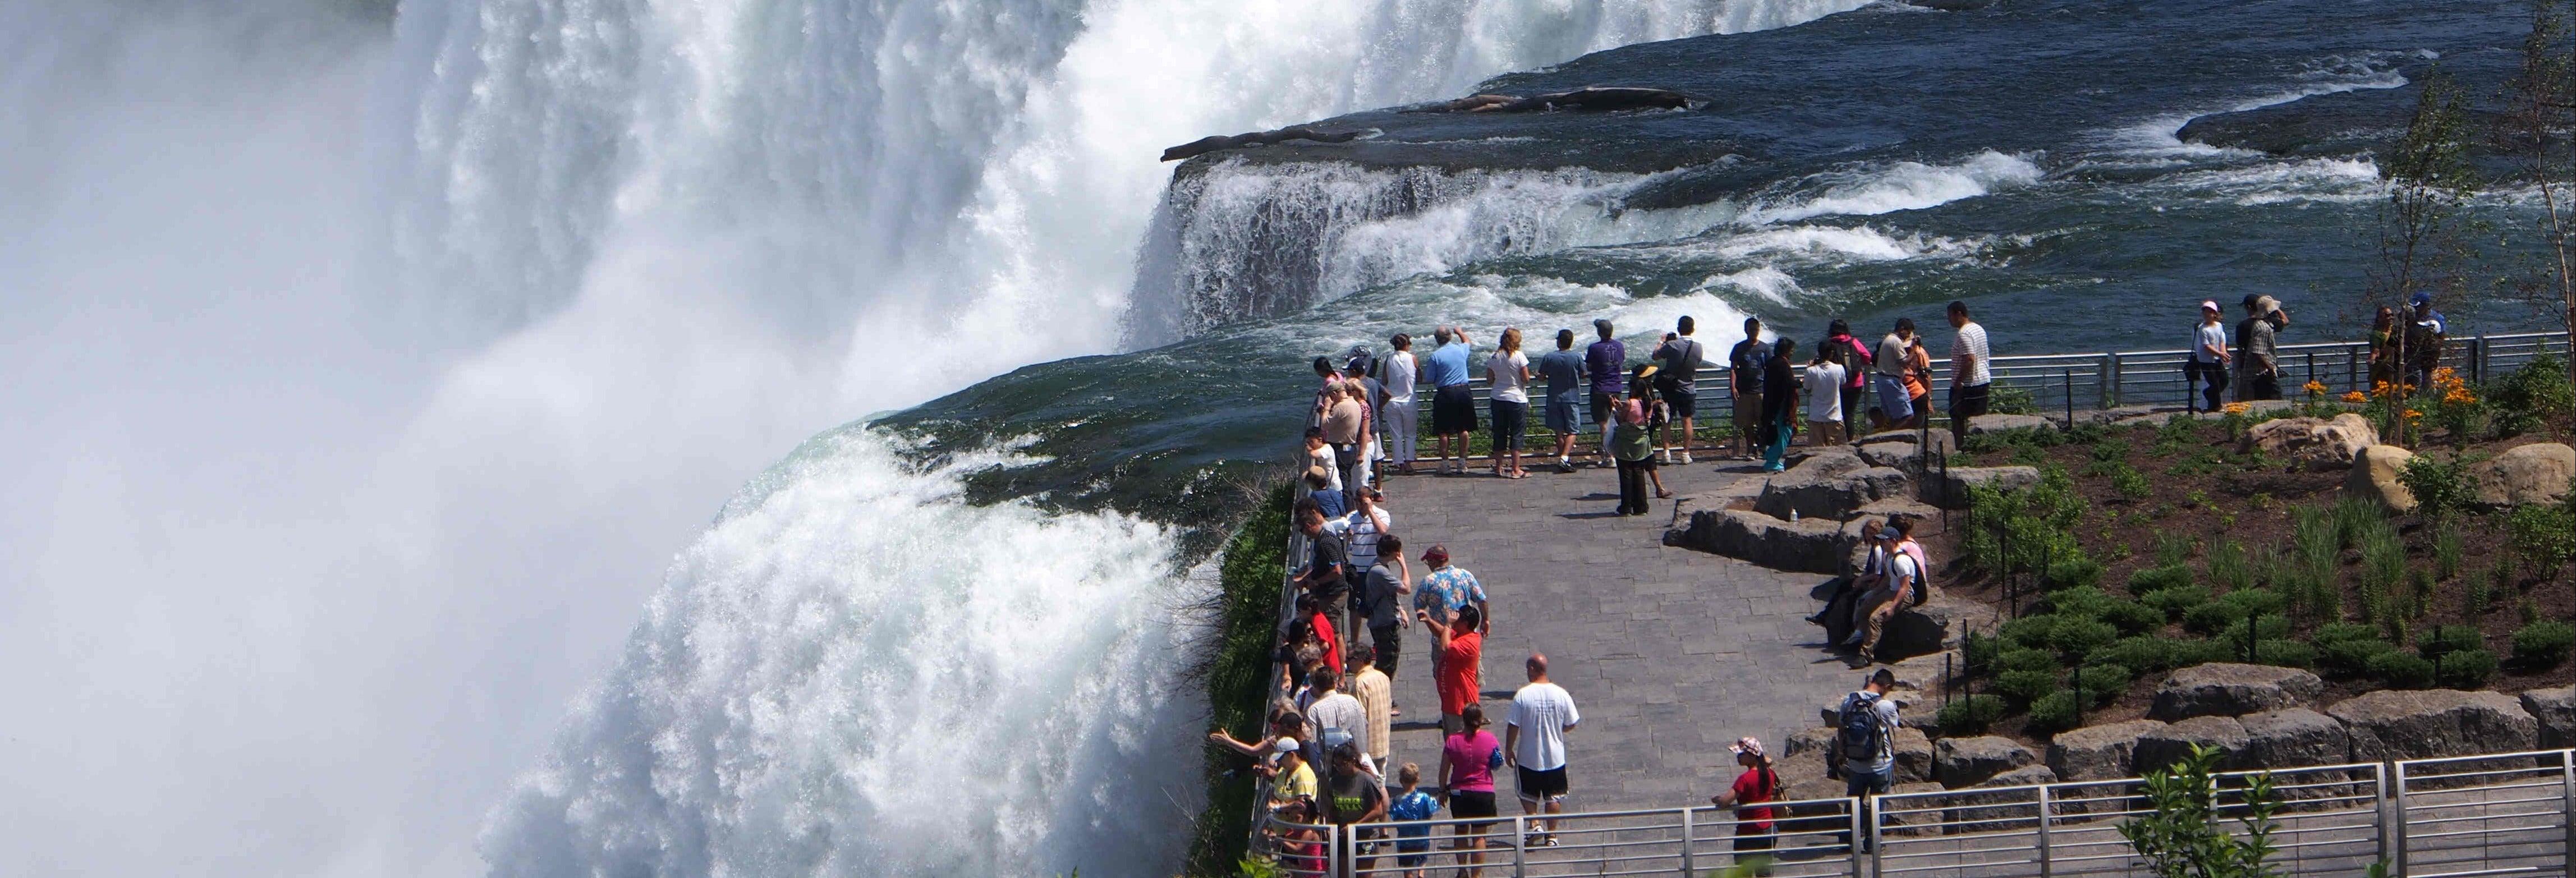 Tour por las Cataratas del Niágara + Entrada a la Cueva de los Vientos